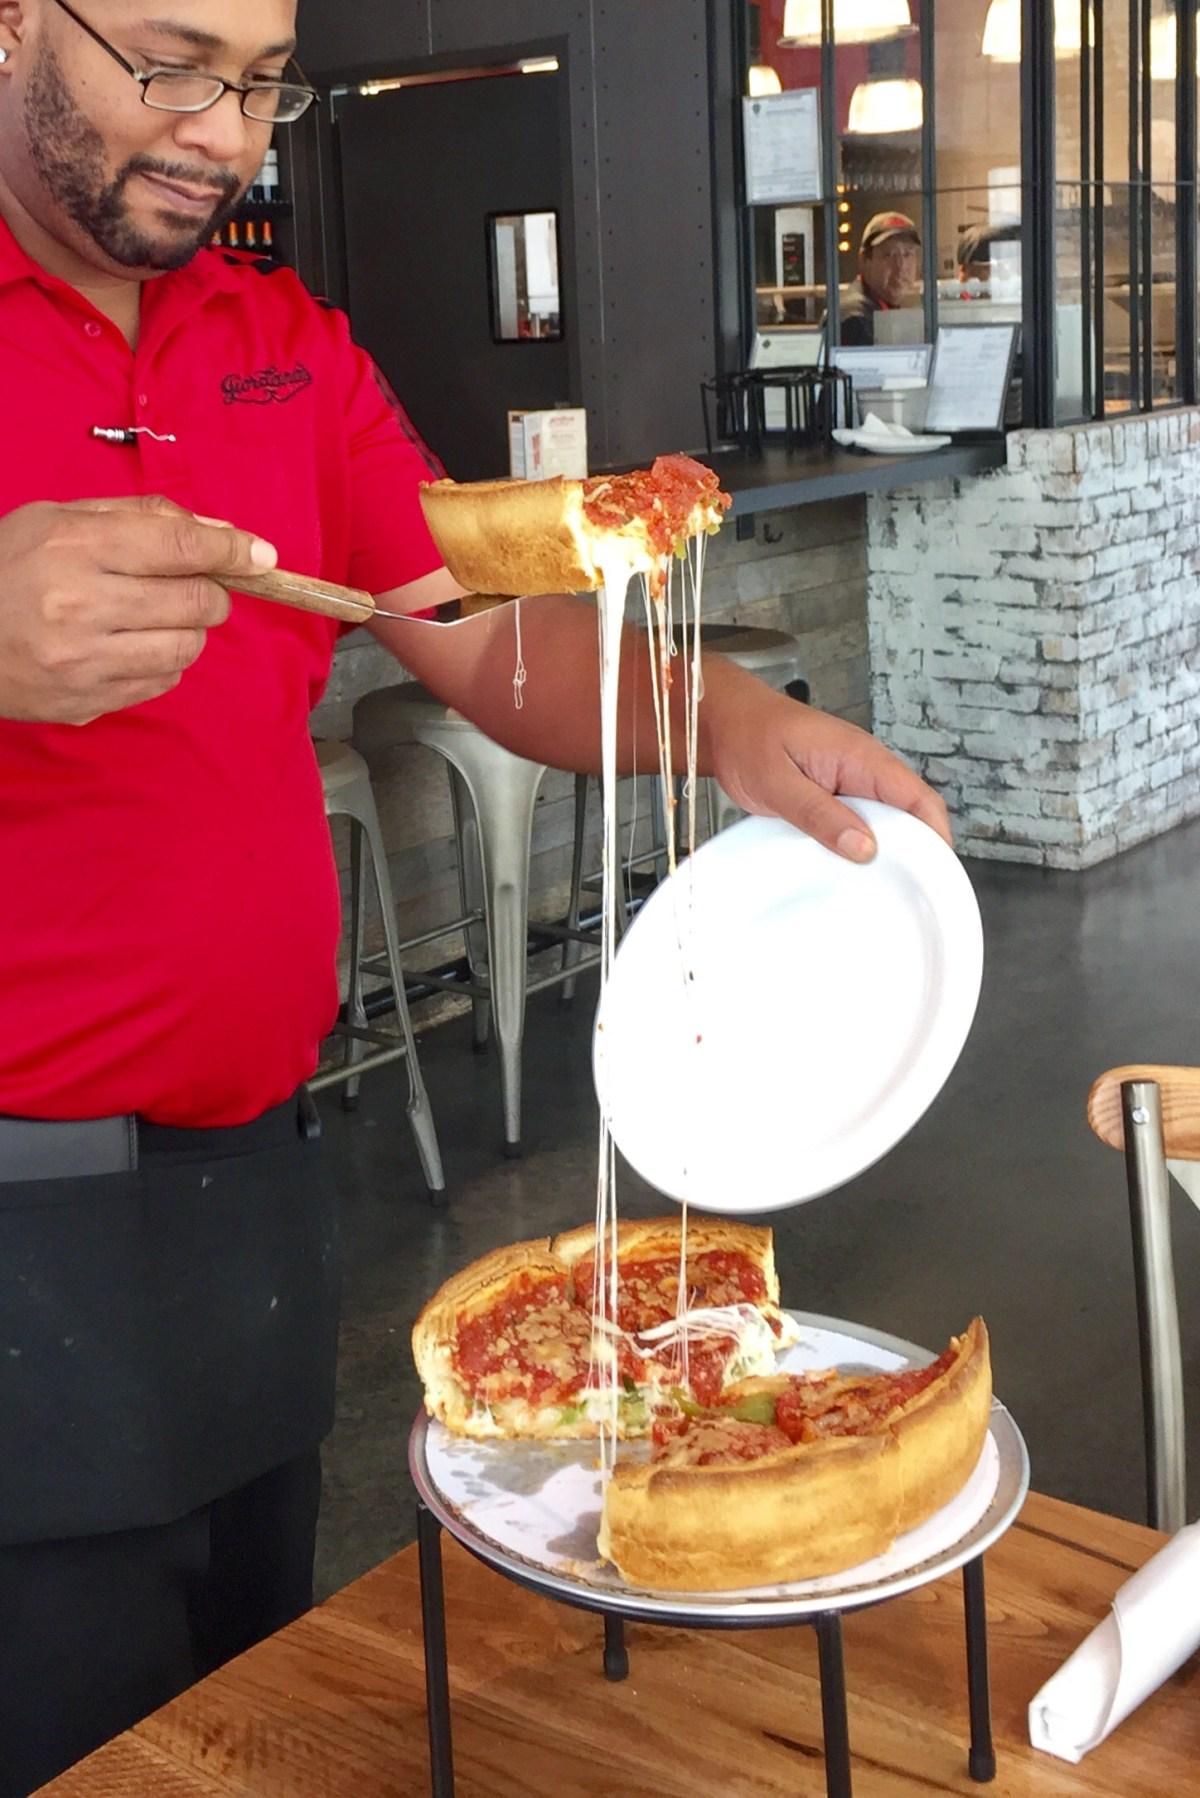 Giordano's Classic Cheese Pull #cheesepull #giordanos #giordanoslasvegas #vegas #lasvegas #ballys #grandbazaarshops